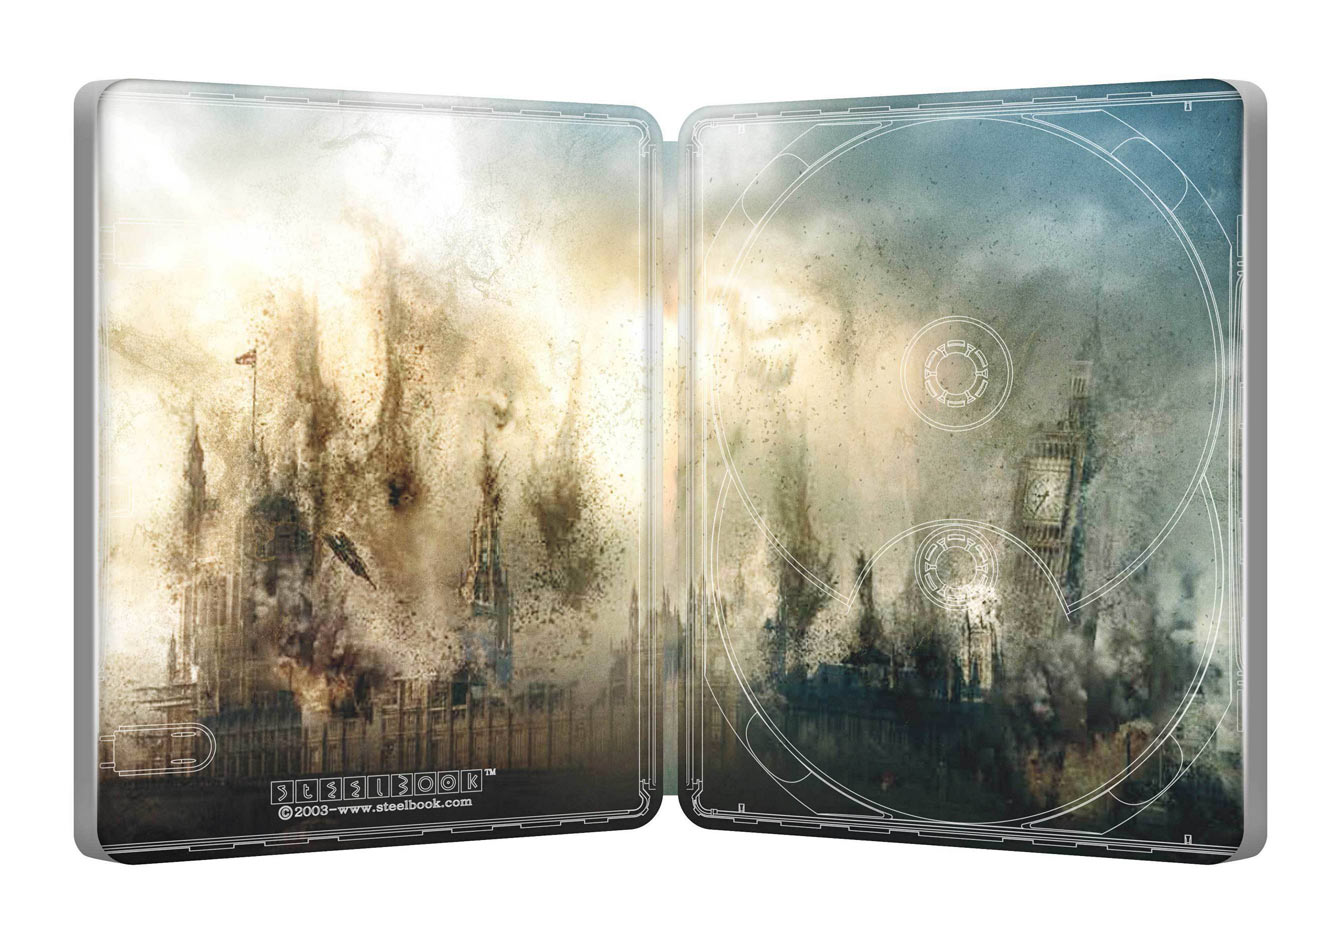 mummy-inside-steelbook-target 3